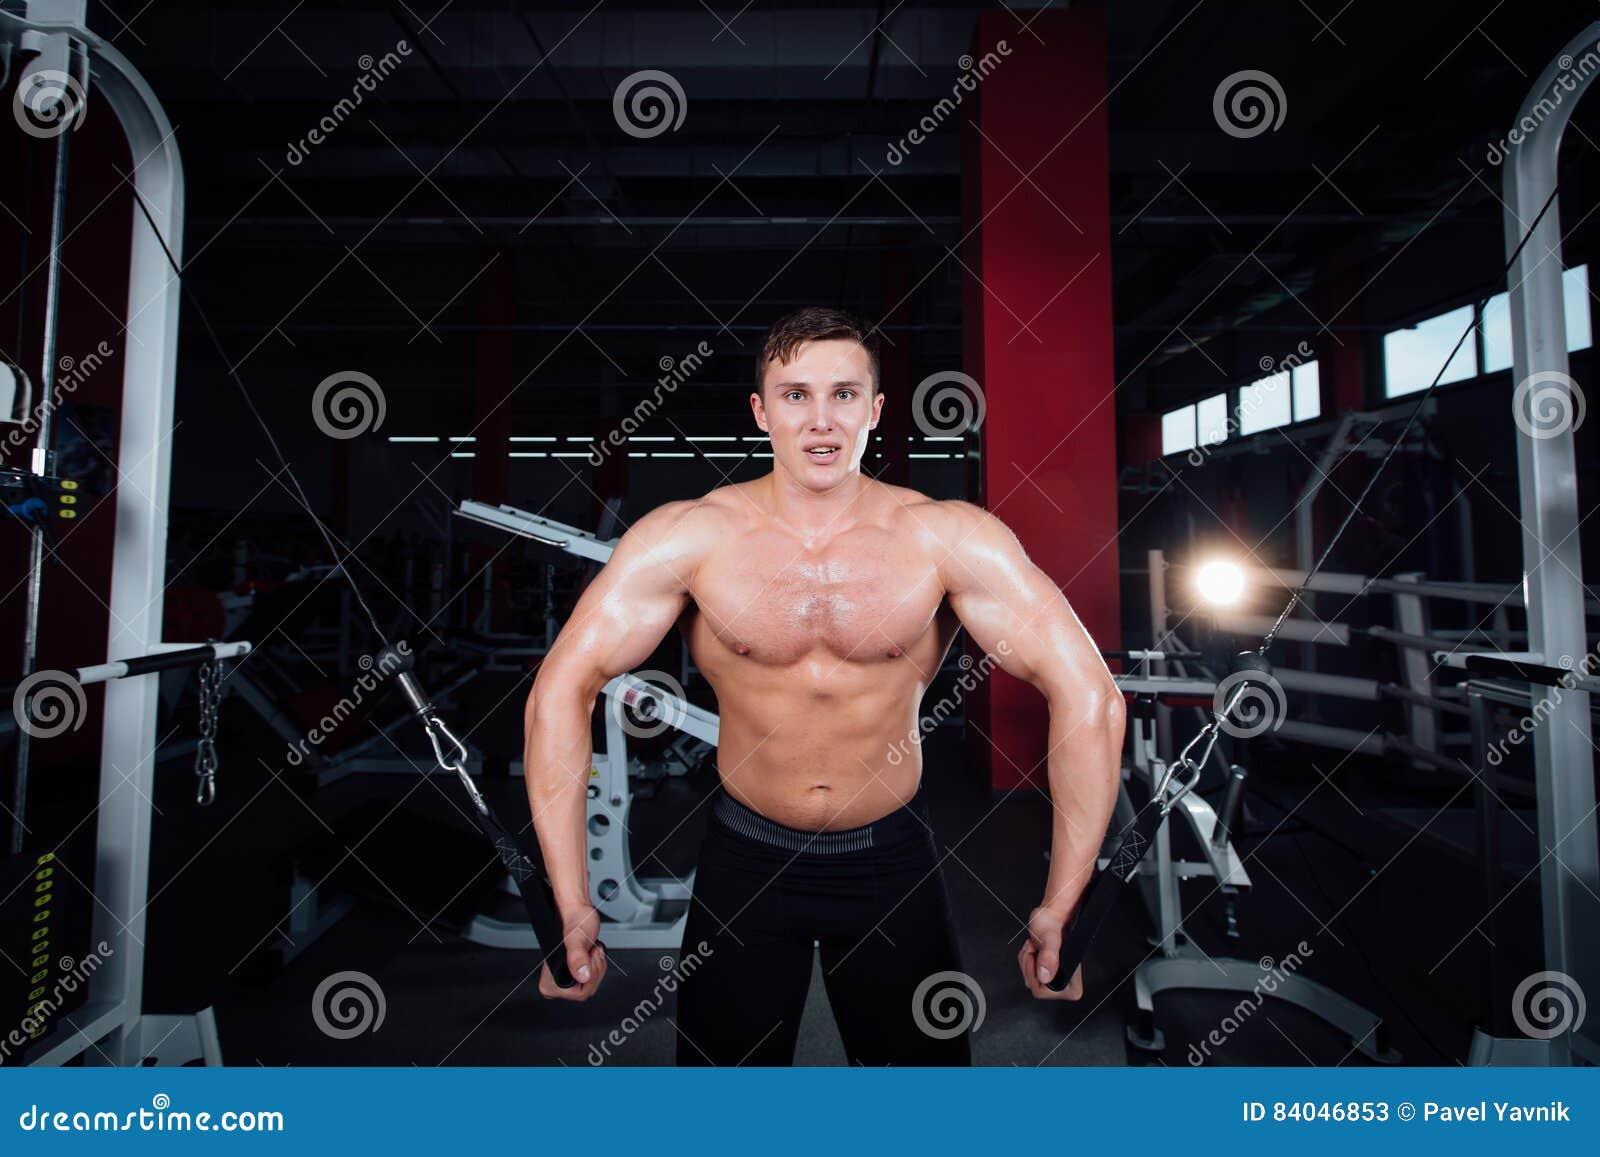 Το μεγάλο ισχυρό bodybuider χωρίς πουκάμισα καταδεικνύει τις ασκήσεις διασταυρώσεων Οι θωρακικοί μυ ες και σκληρά κατάρτιση